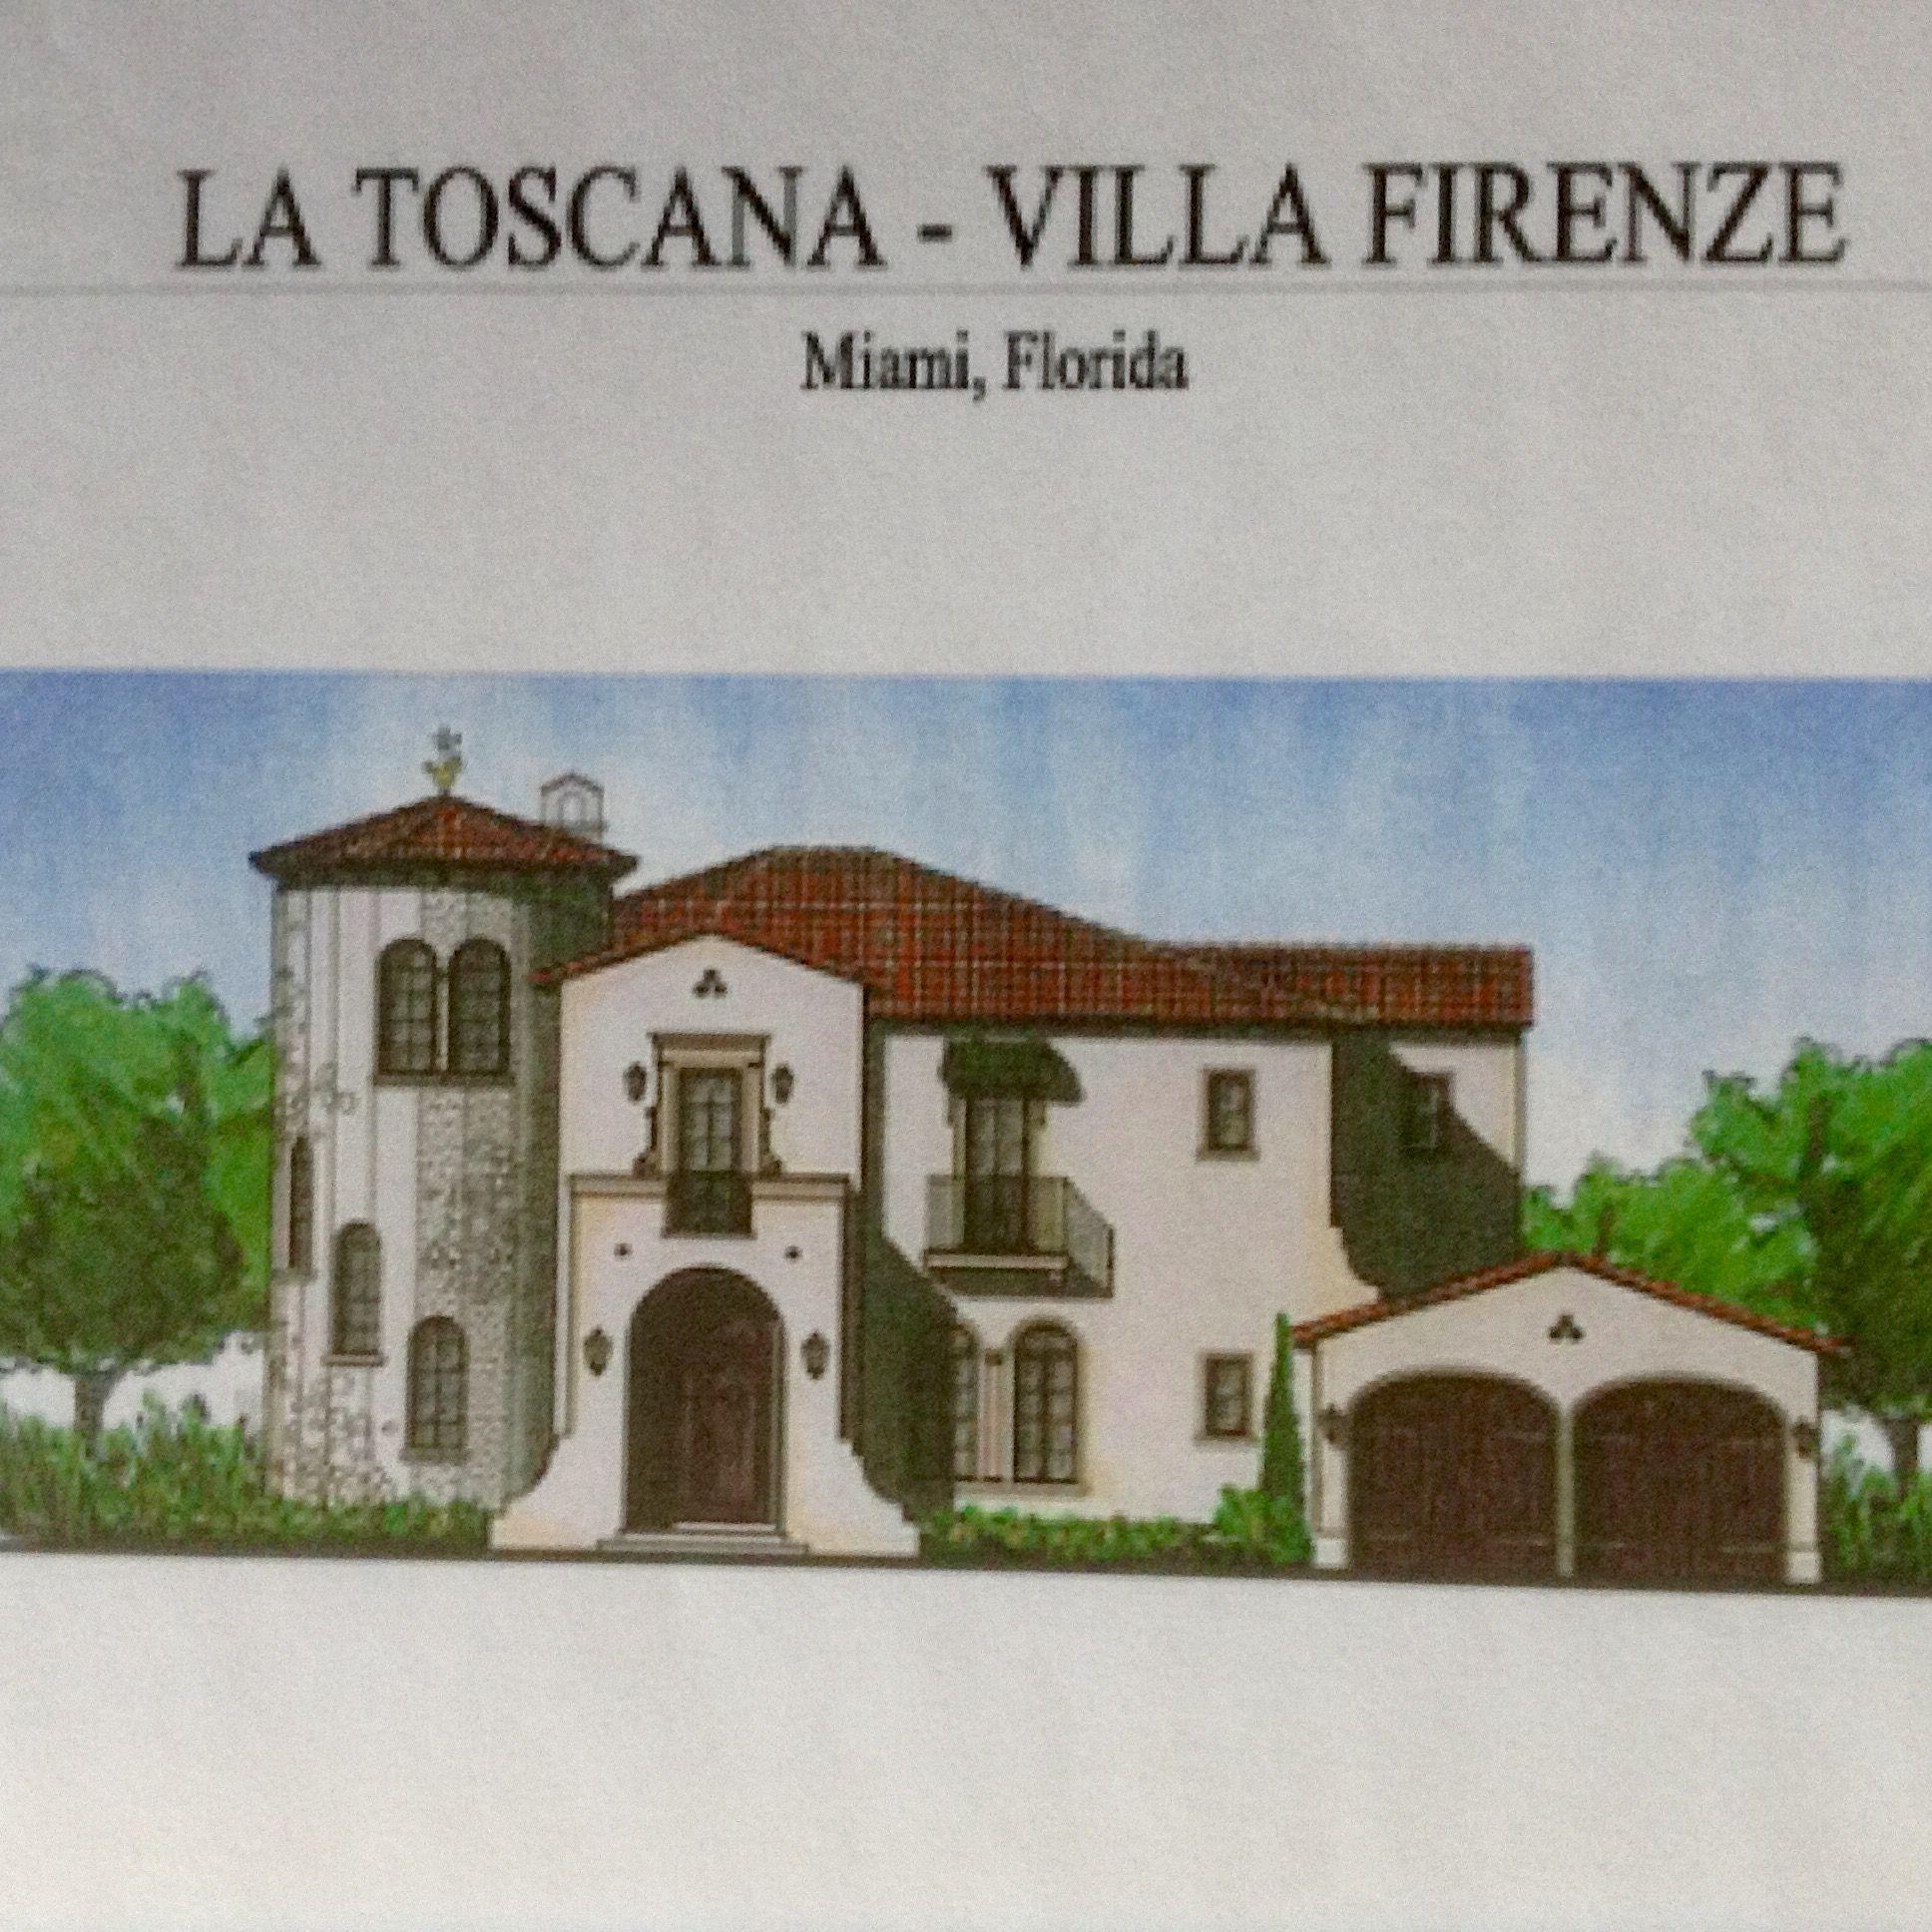 Villa Firenze La Toscana, 6960 SW 96 Ct, Miami, FL